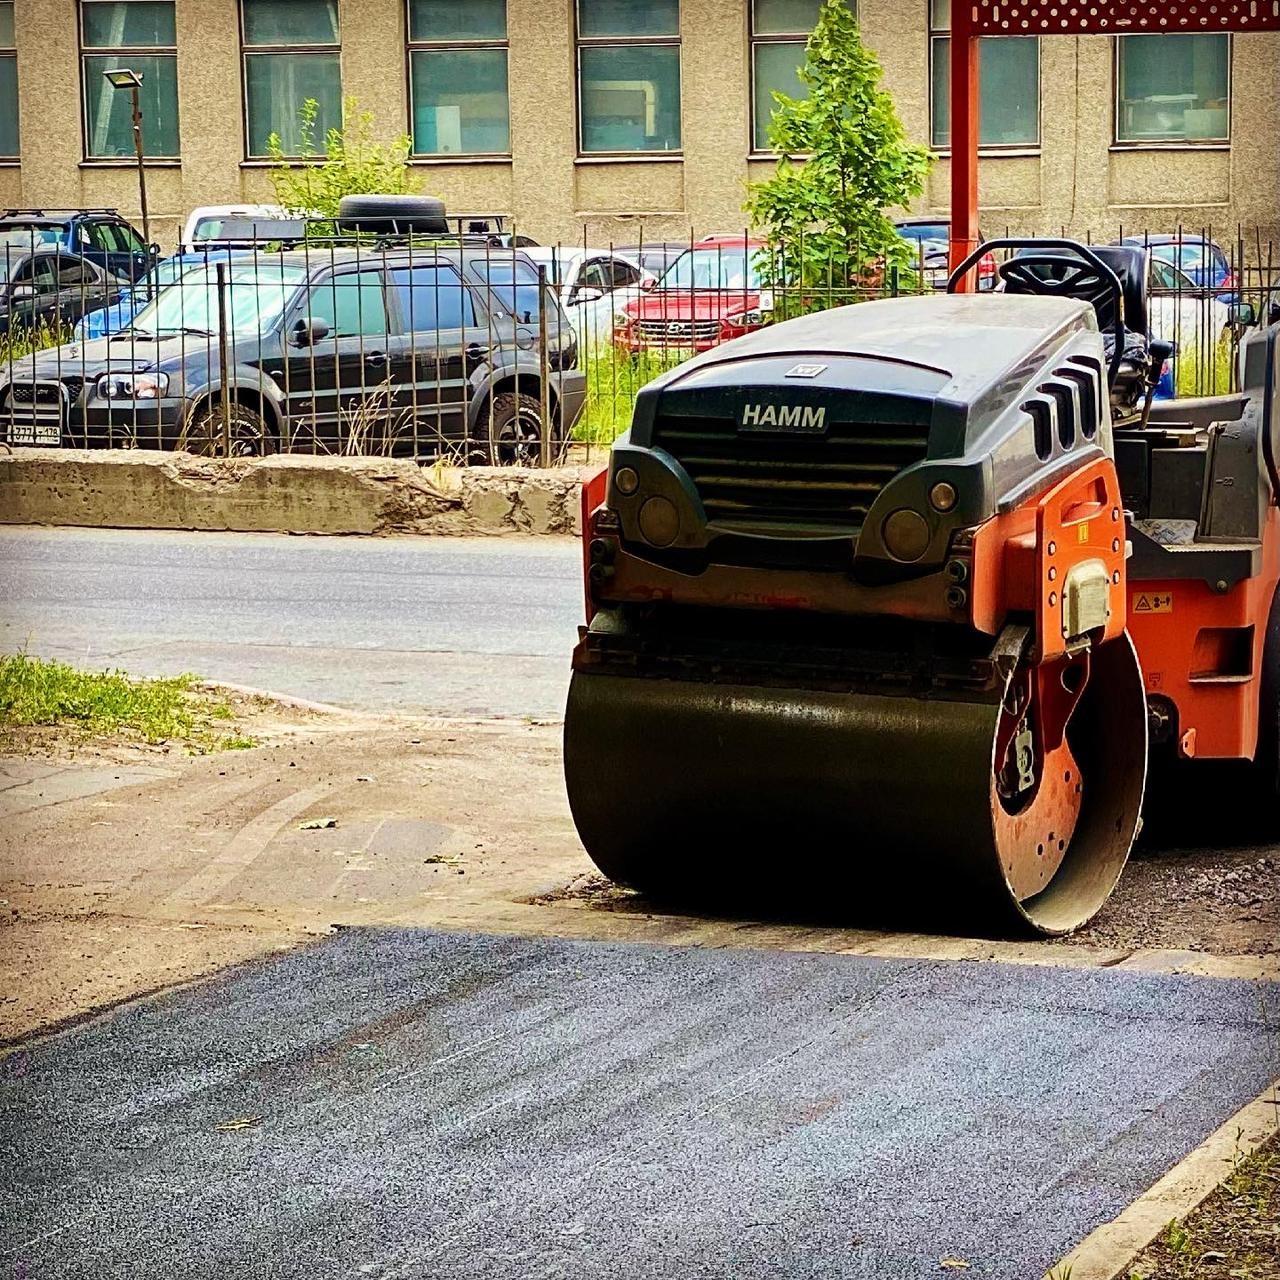 Каток оранжевого цвета закатывает свежий асфальт. На фоне - здание и парковка автомобилей с забором.